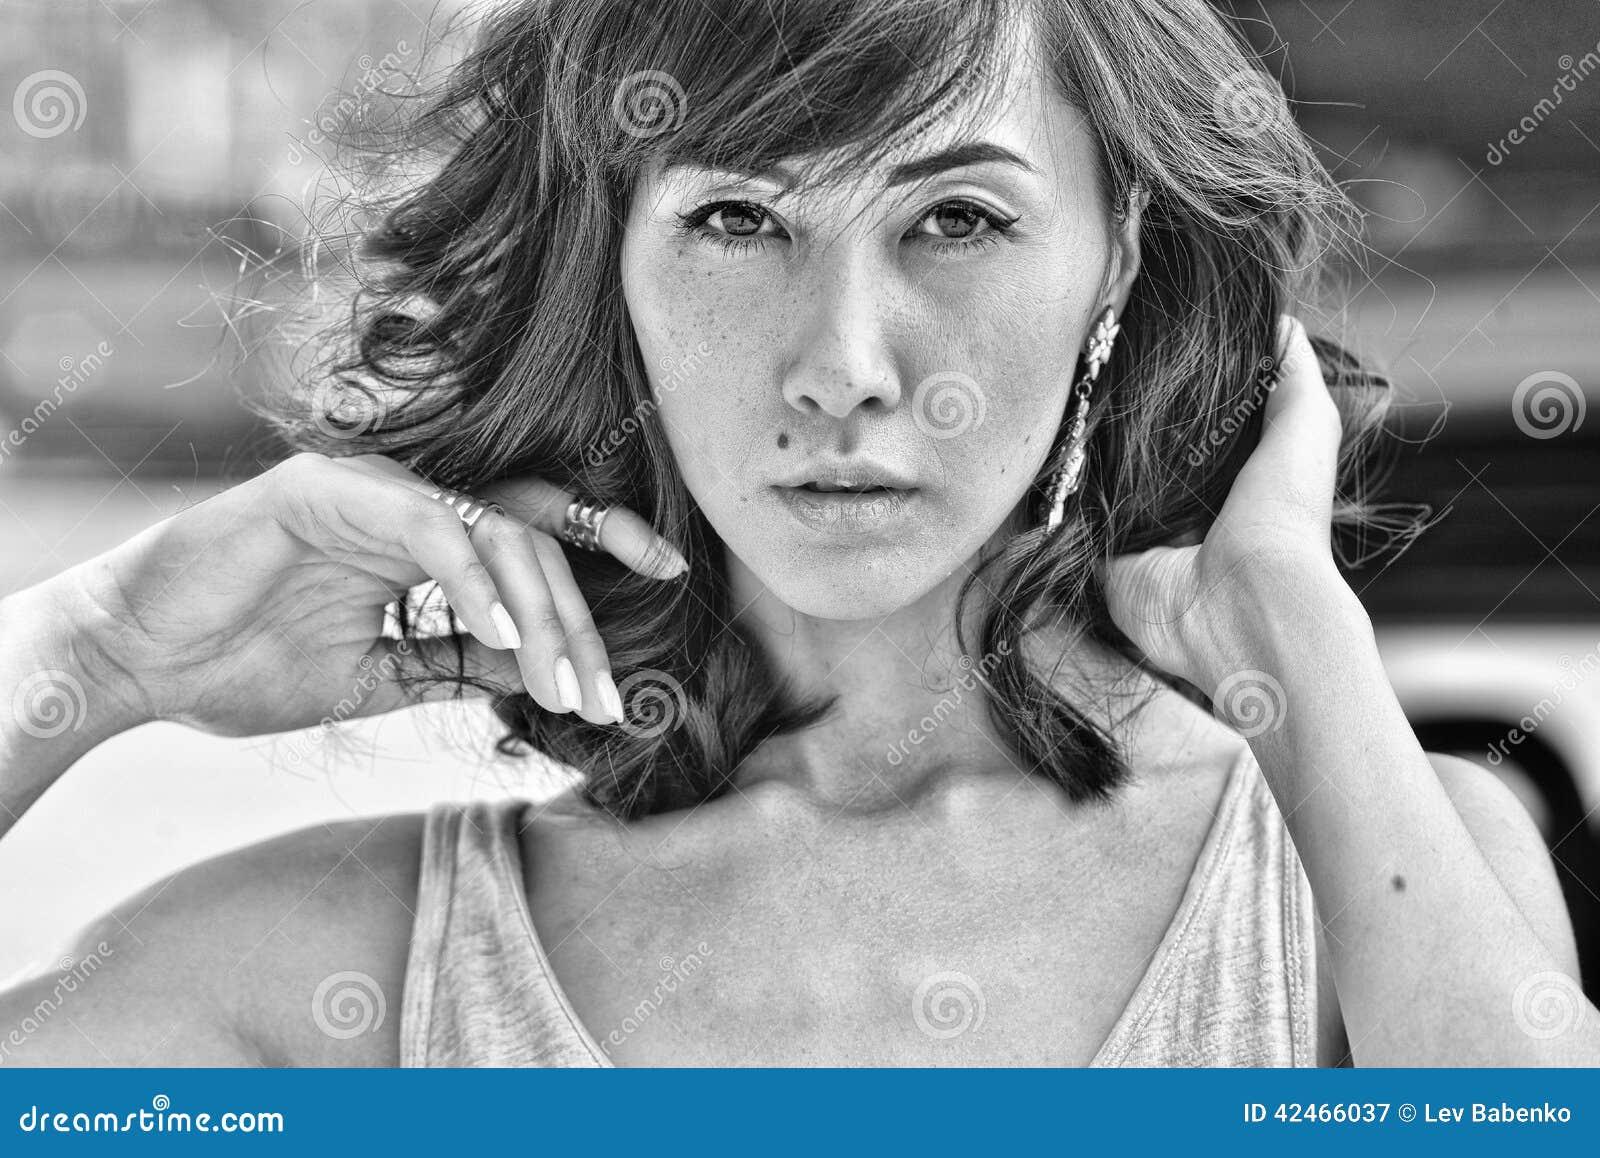 Modell mit dem dunklen Haar und den sinnlichen Augen